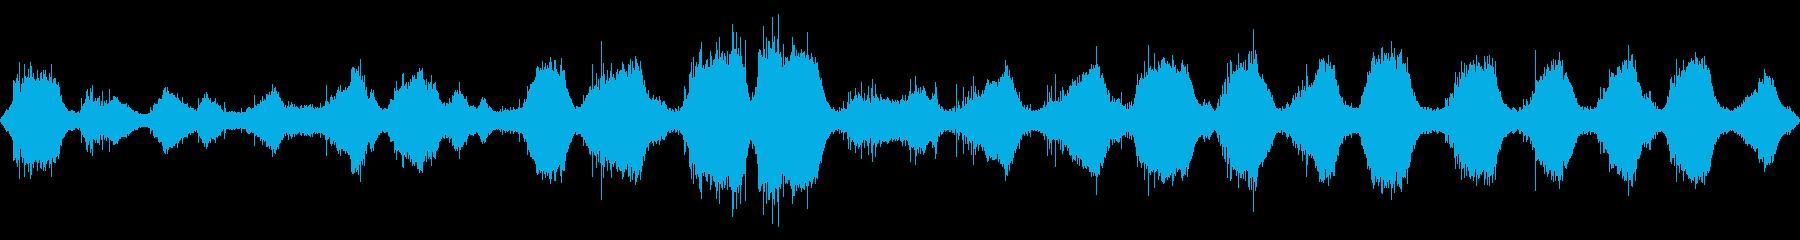 波の音 【大浜海岸、徳島、秋、夕方】の再生済みの波形